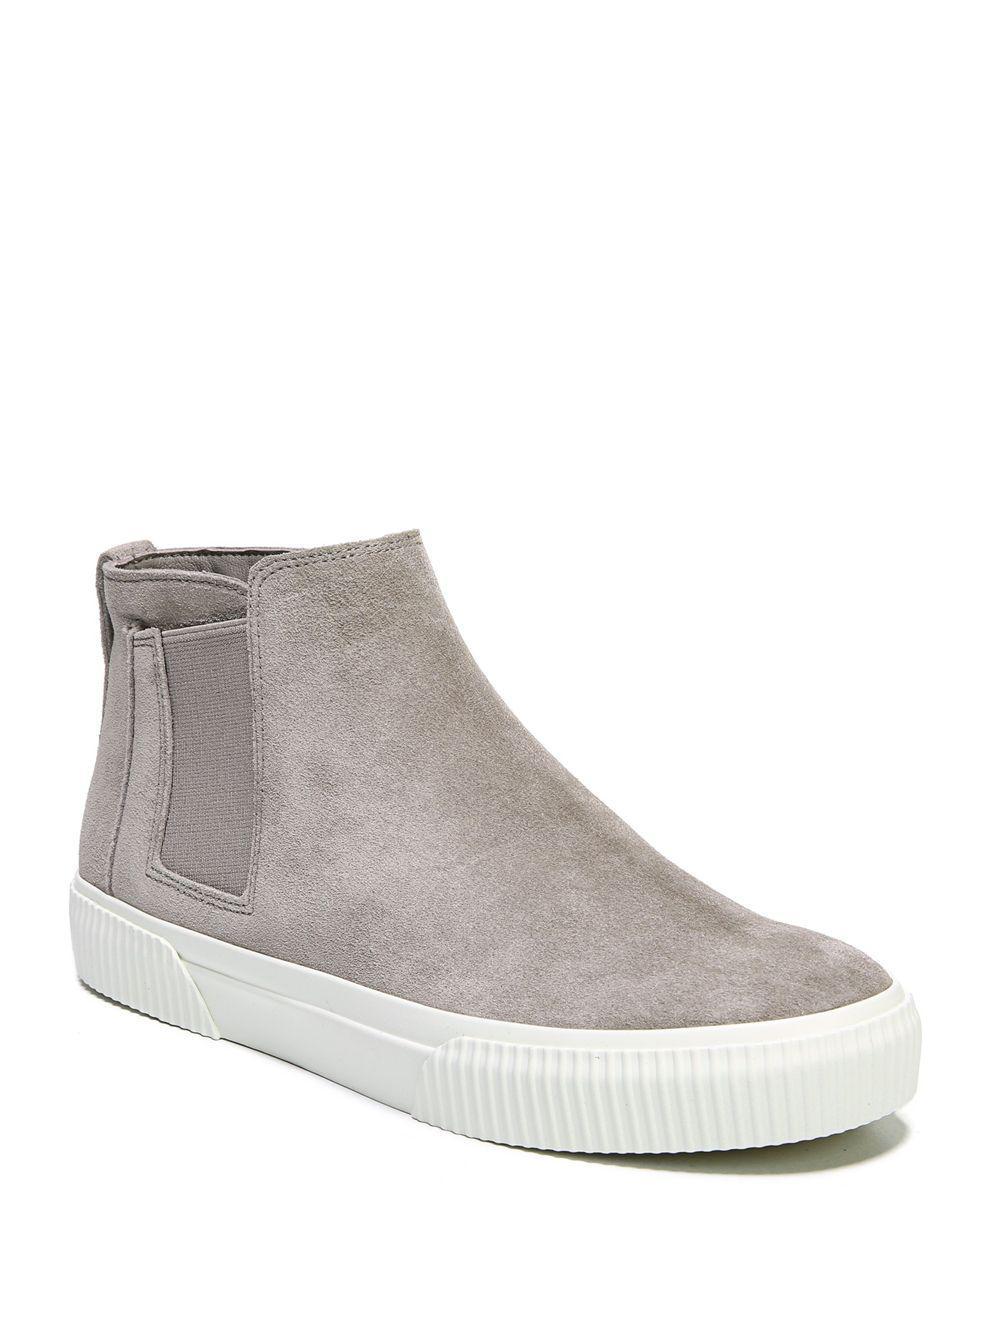 efa9dfd97ab Vince Kelowna Suede Sneakers in Gray - Save 23% - Lyst